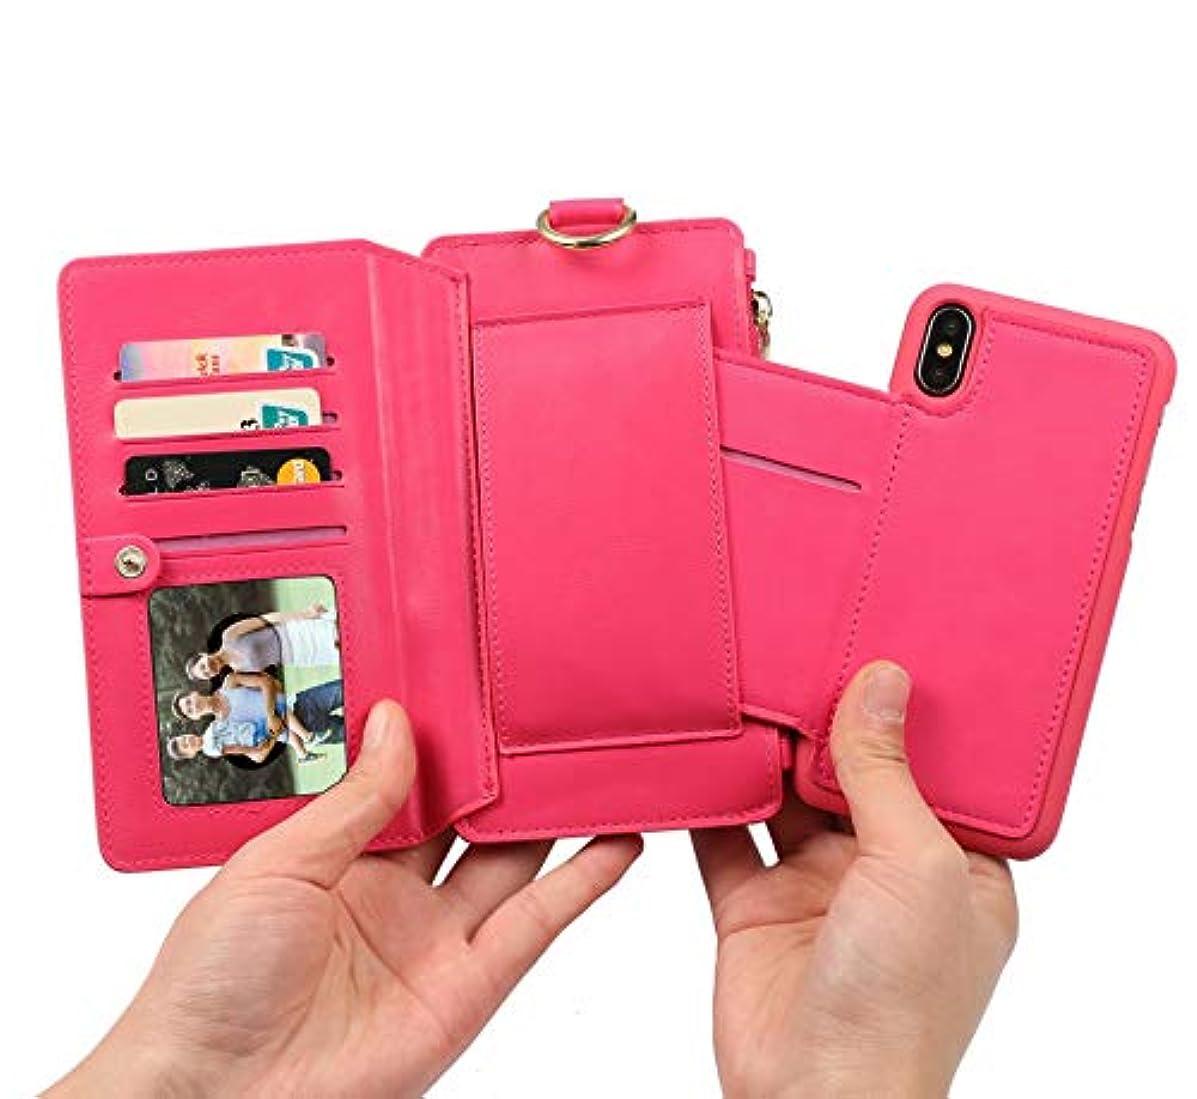 用心深い廊下曲線iPhone 8 Plus パソコンExit包保護套 - 折りたたみ保護袖 - 立ちブラケット-ビジネススタイル-全身保護-内殻金属リング-12札入れ-相枠-取り外し可能な電話ケース財布 5.5インチiPhone 7 Plus...